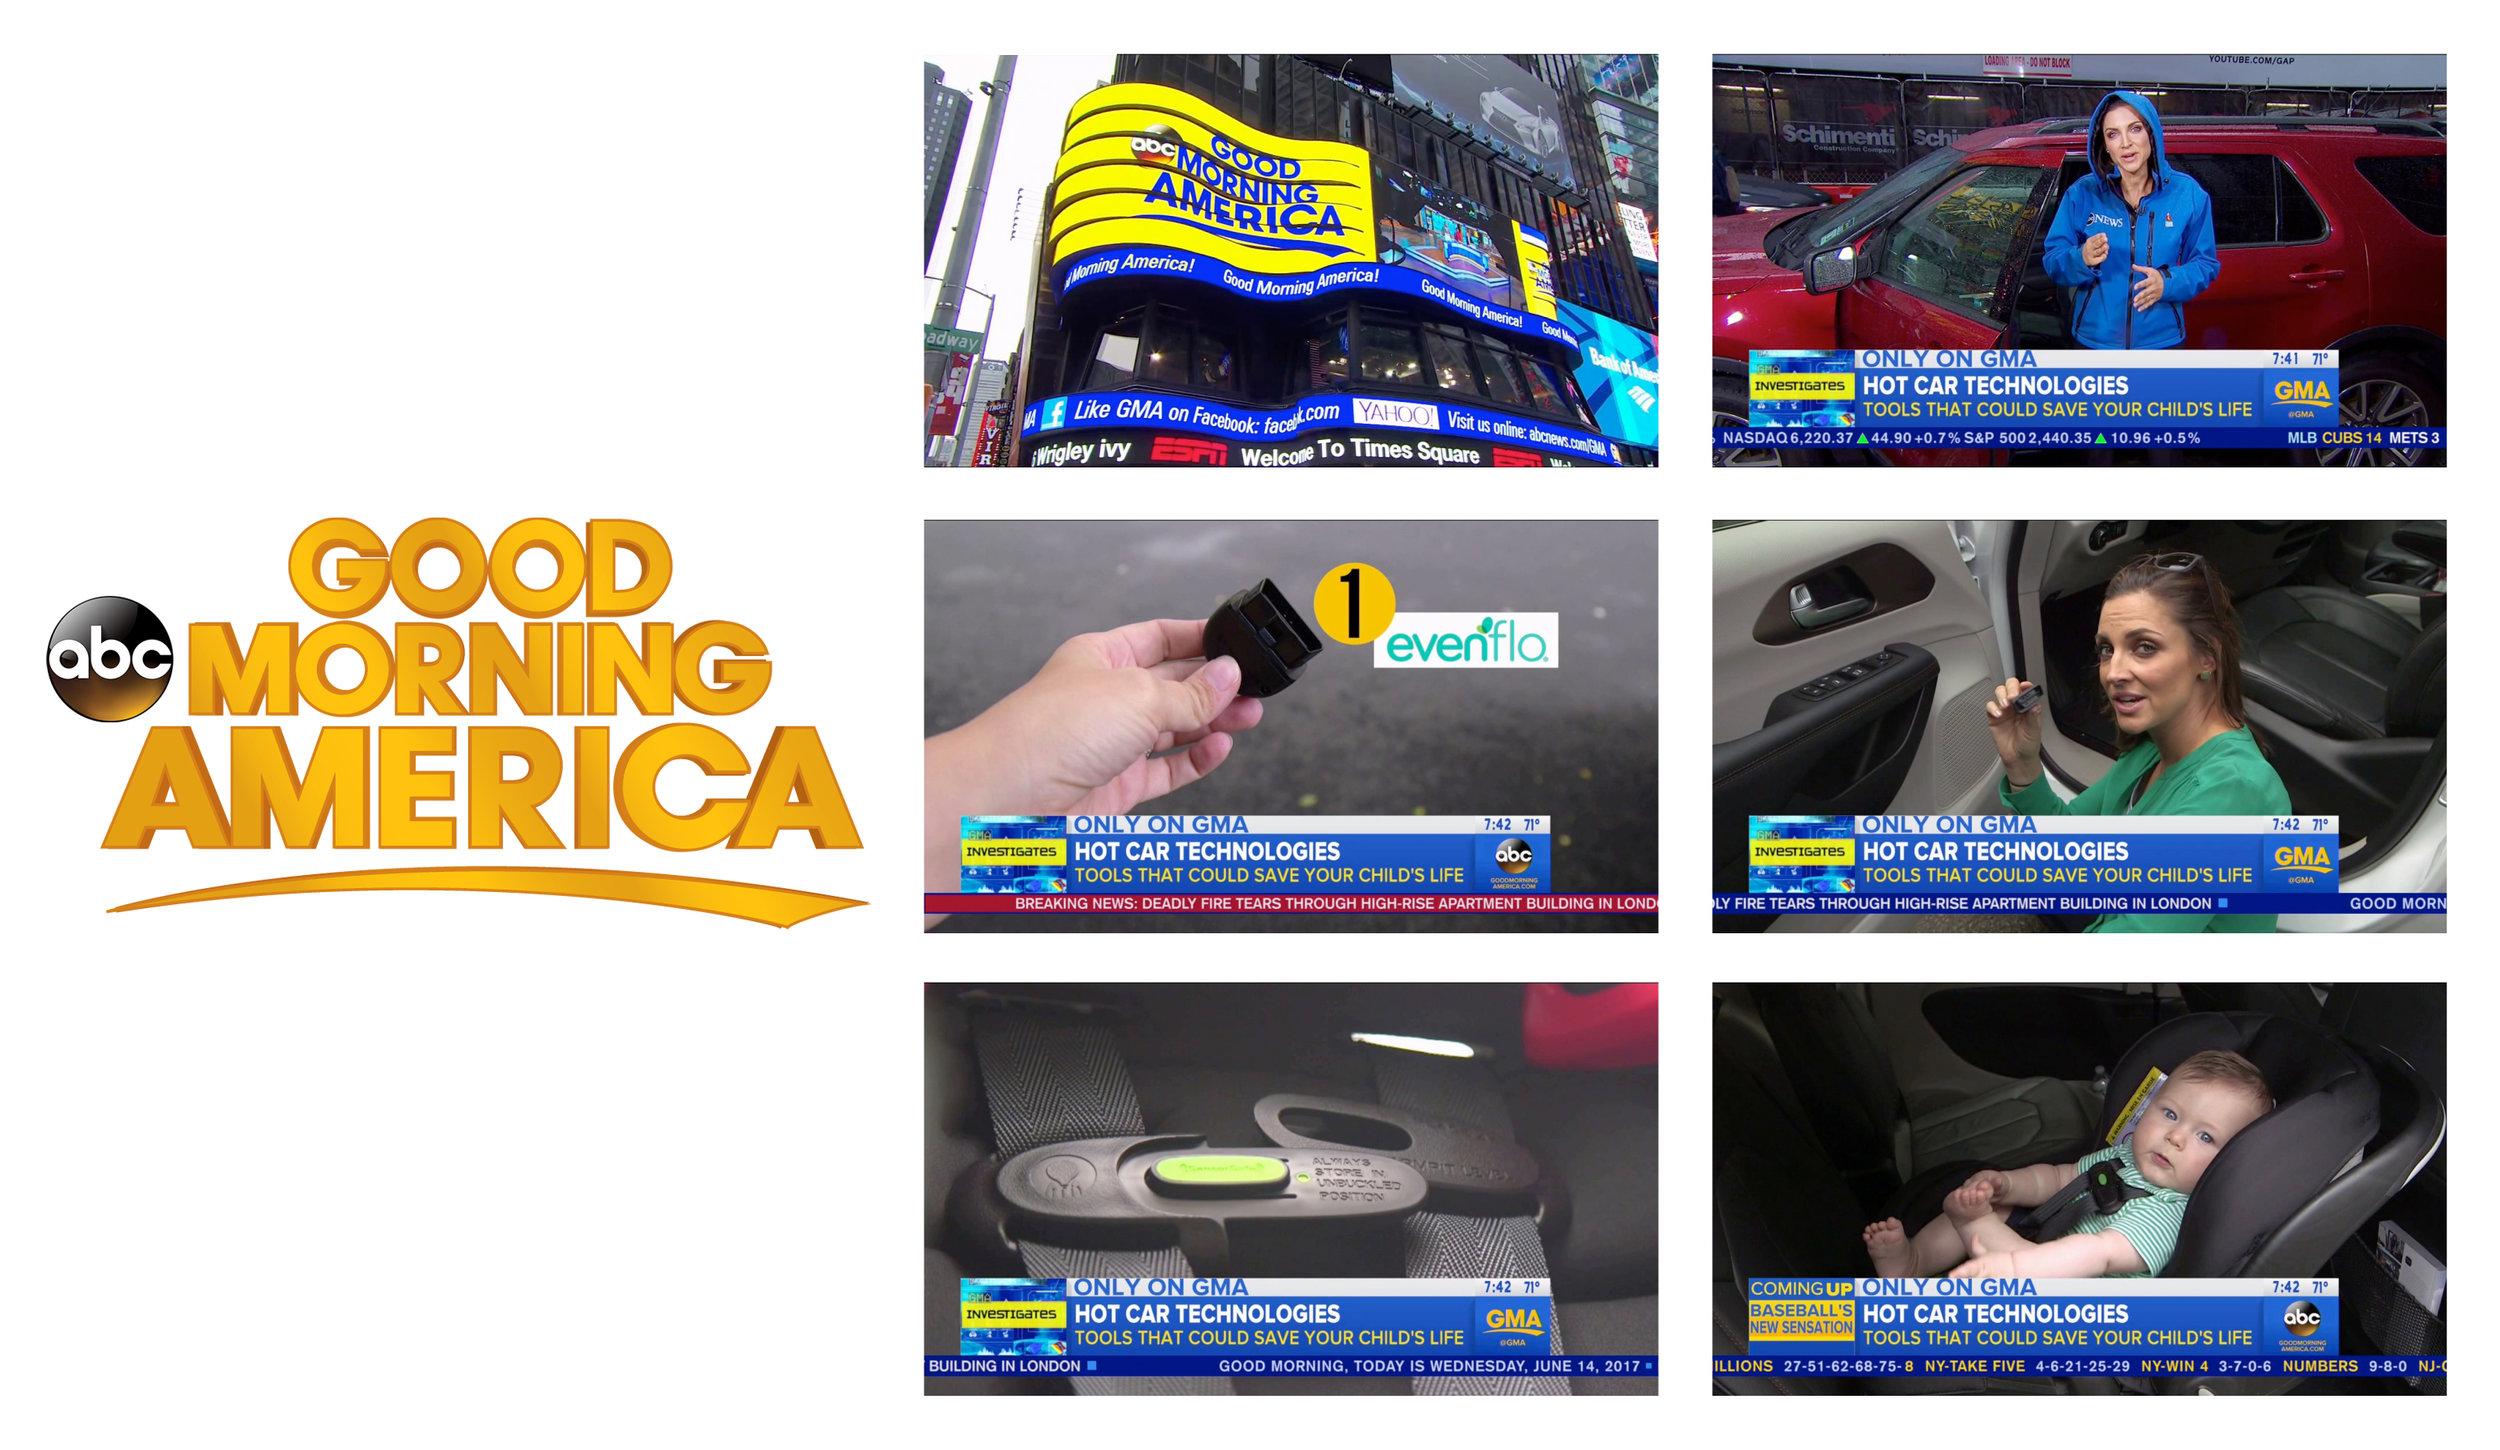 Good Morning America_Evenflo SensorSafe